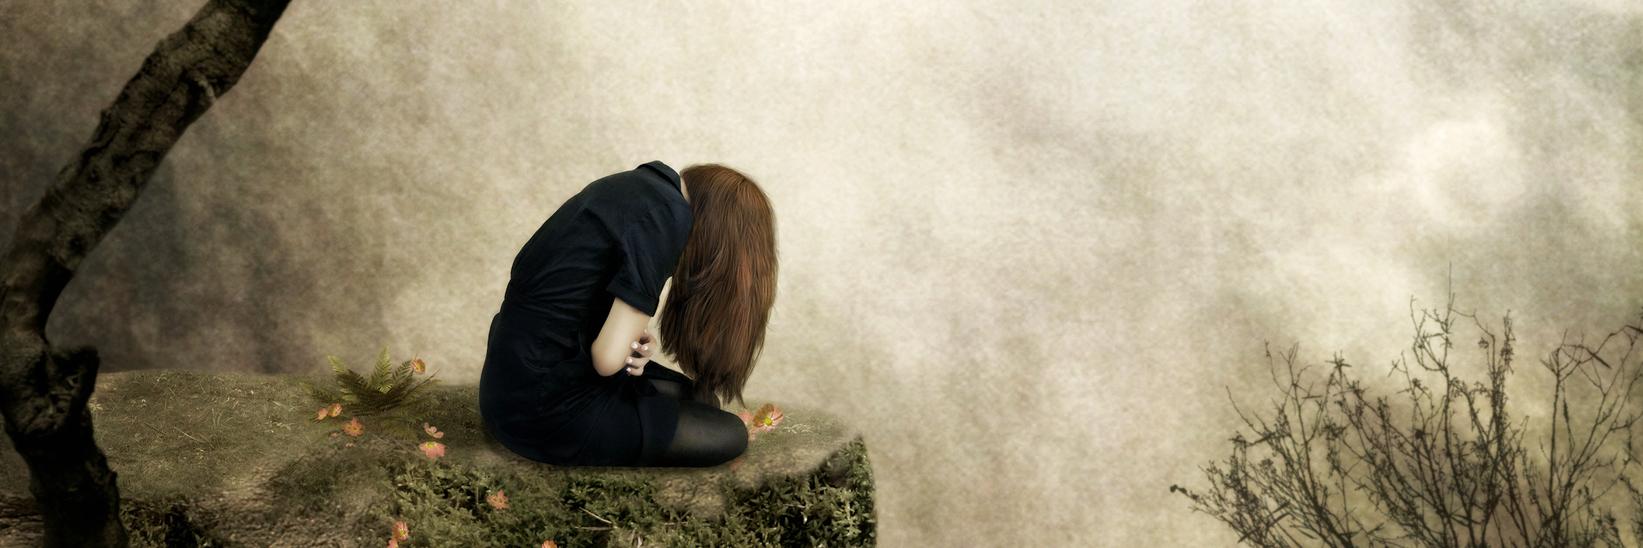 Sad girl sitting alone on a ciff.